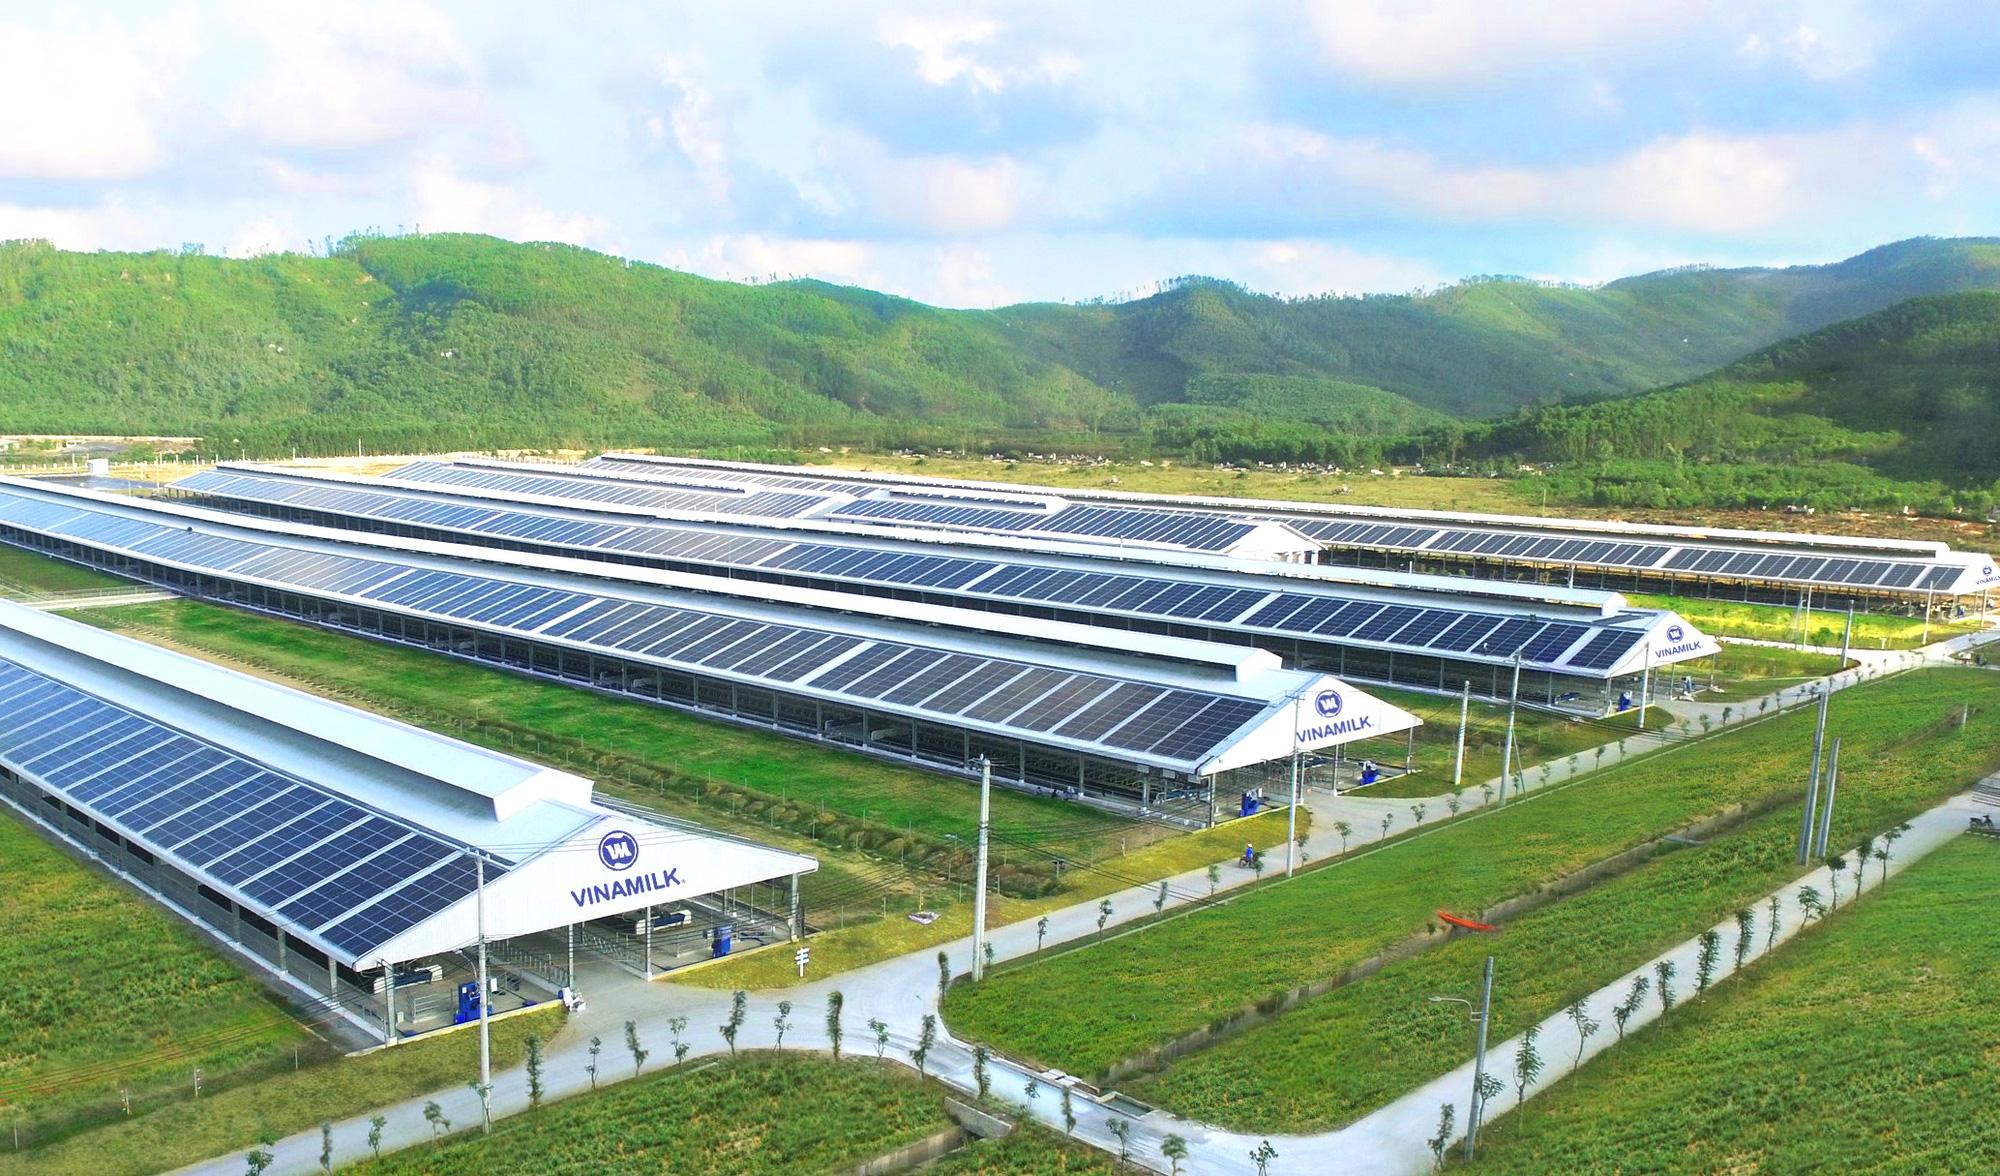 Tổ hợp trang trại bò sữa Vinamilk tại Lào sẽ hoạt động vào quý I/2022 - Ảnh 4.